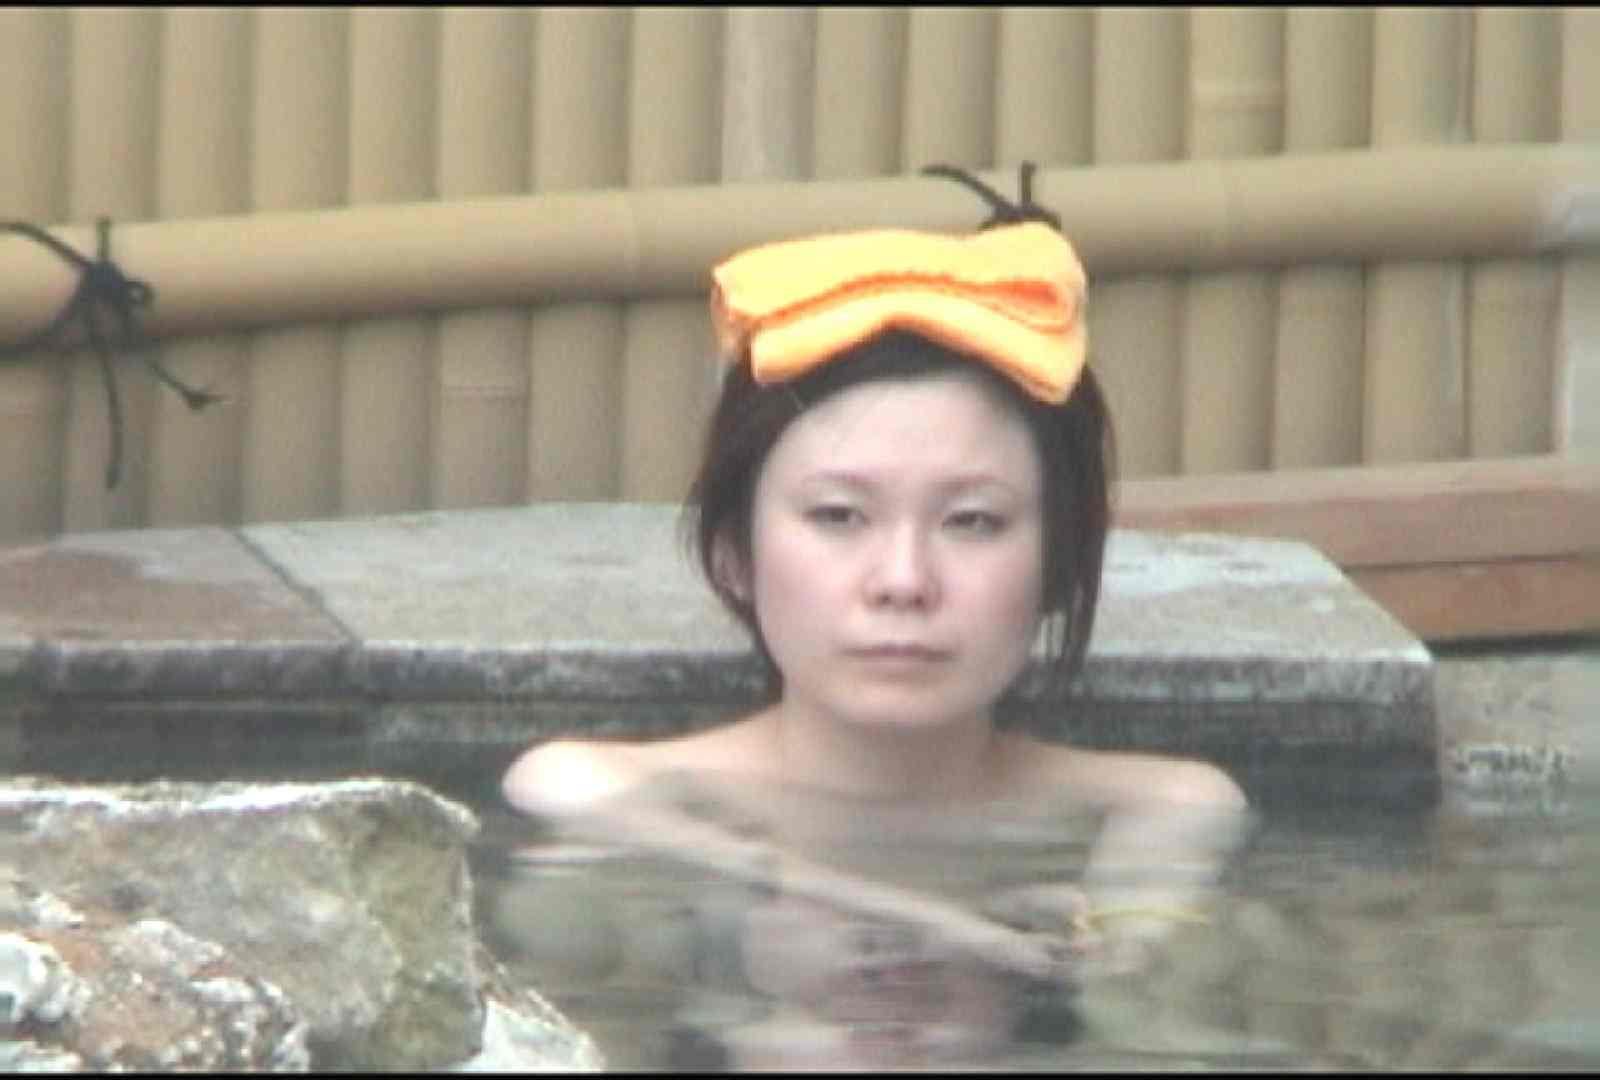 Aquaな露天風呂Vol.177 露天風呂 | 盗撮  40連発 16